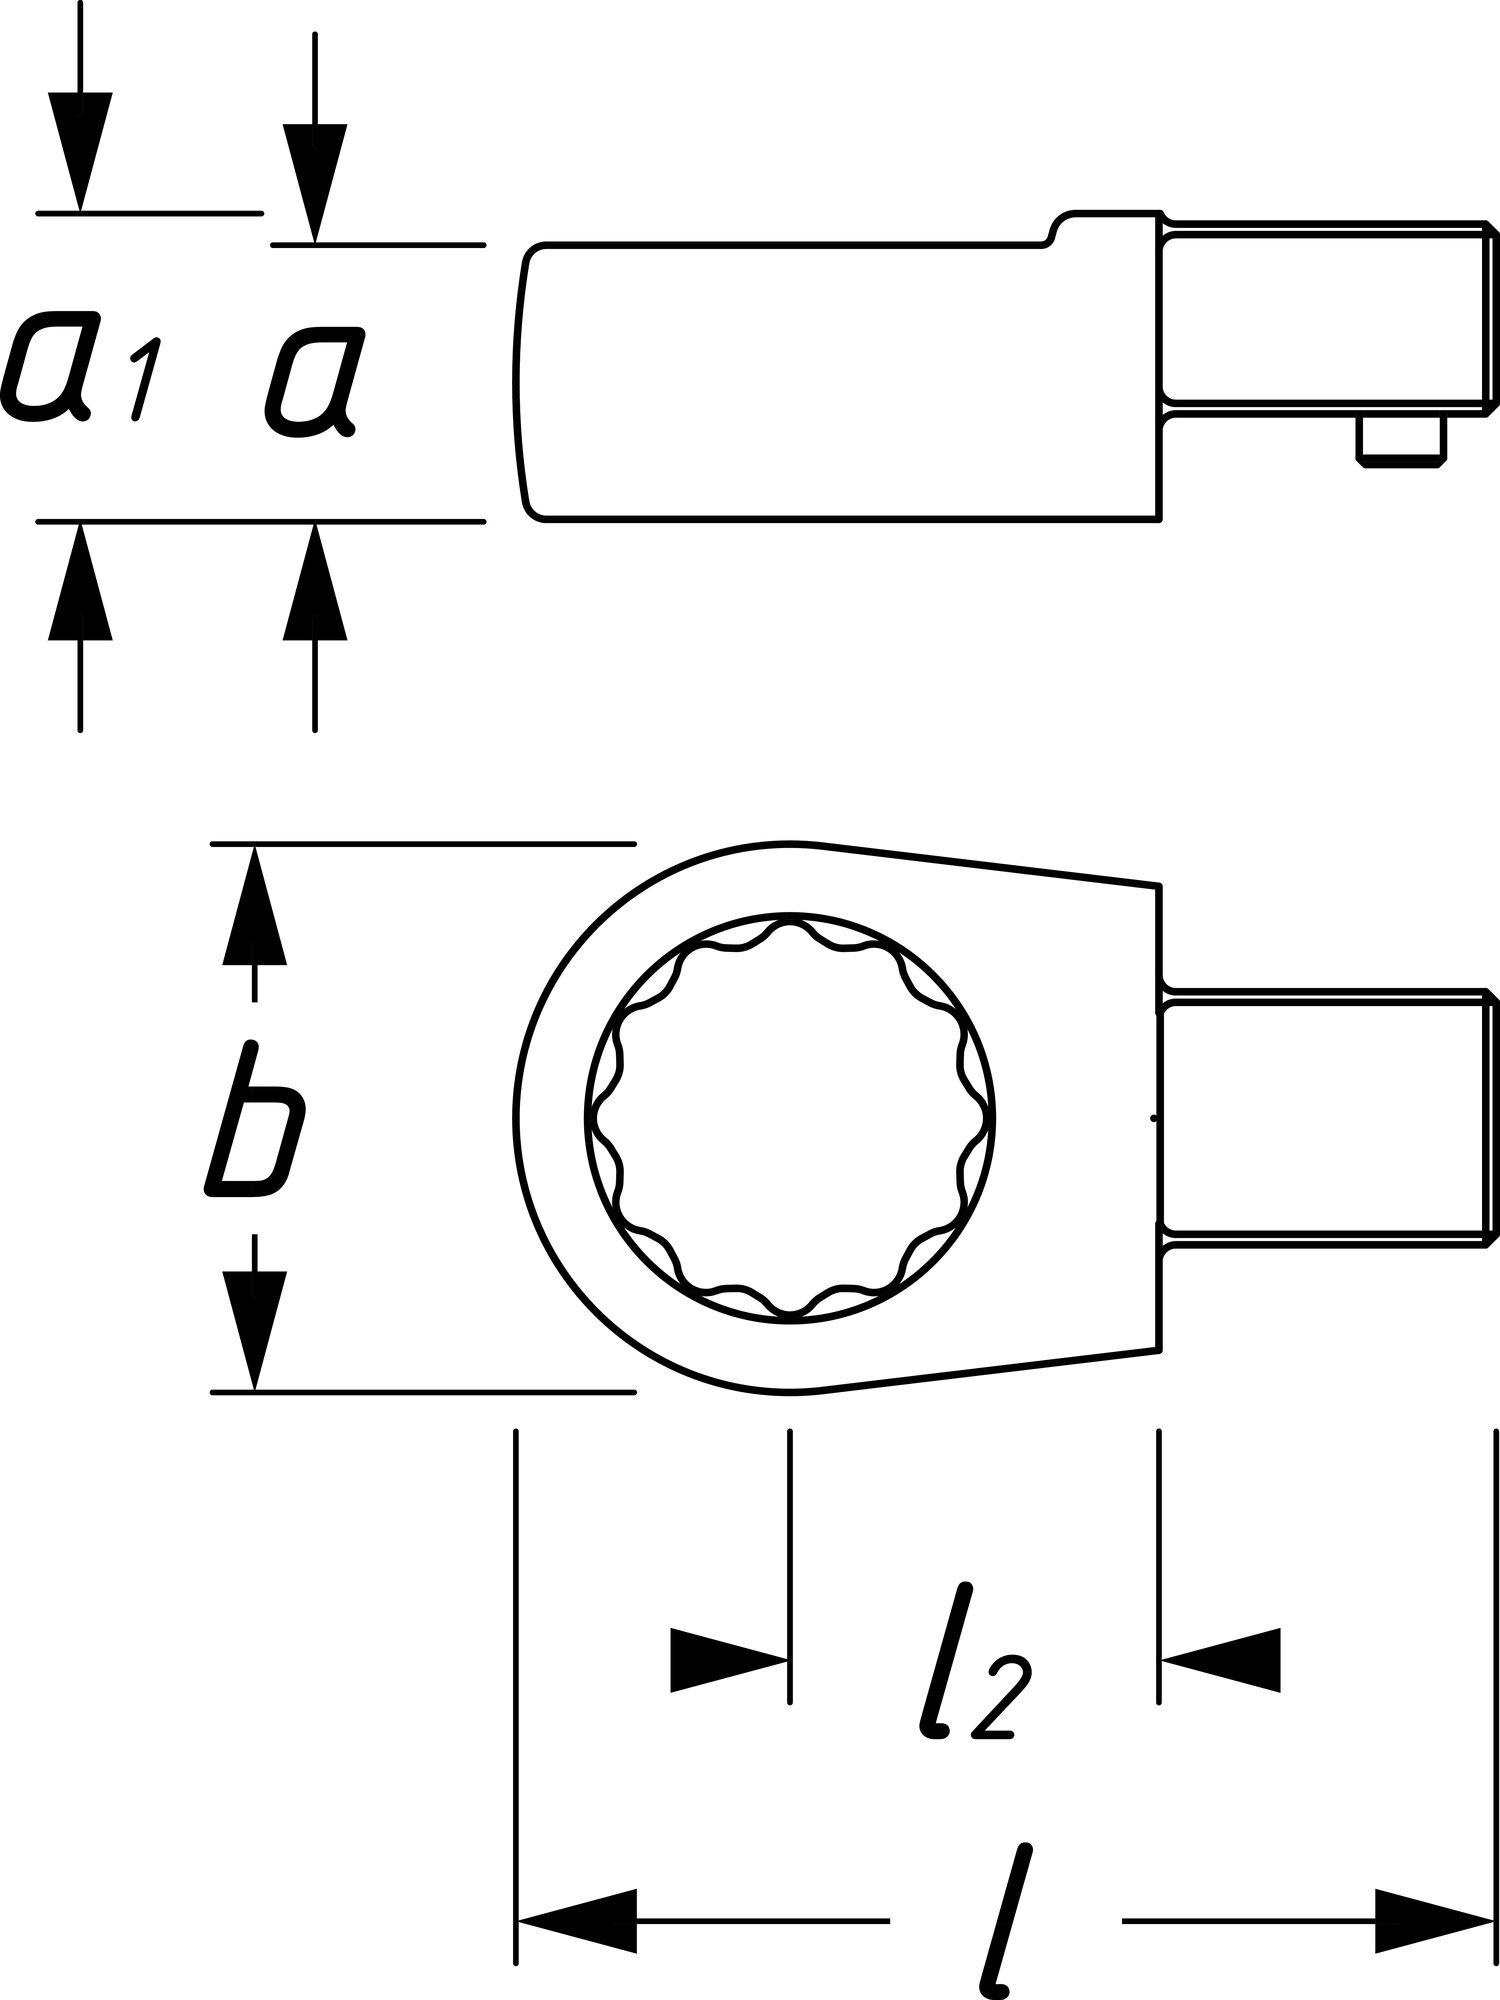 HAZET Einsteck-Ringschlüssel 6630C-14 ∙ Einsteck-Vierkant 9 x 12 mm ∙ Außen-Doppel-Sechskant-Tractionsprofil ∙ 14 mm